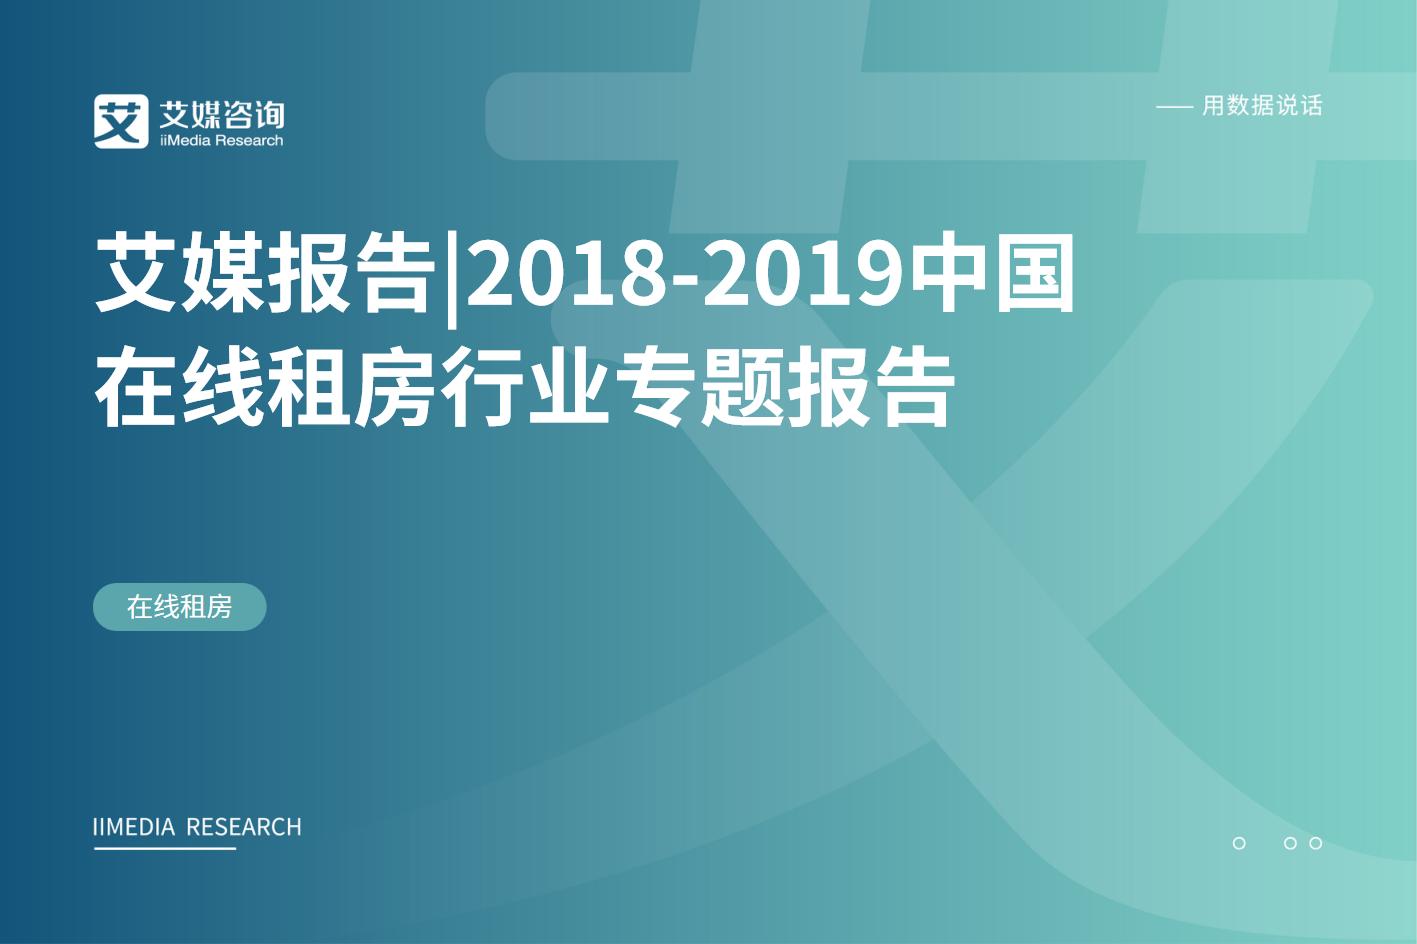 艾媒报告|2018-2019中国在线租房行业专题报告